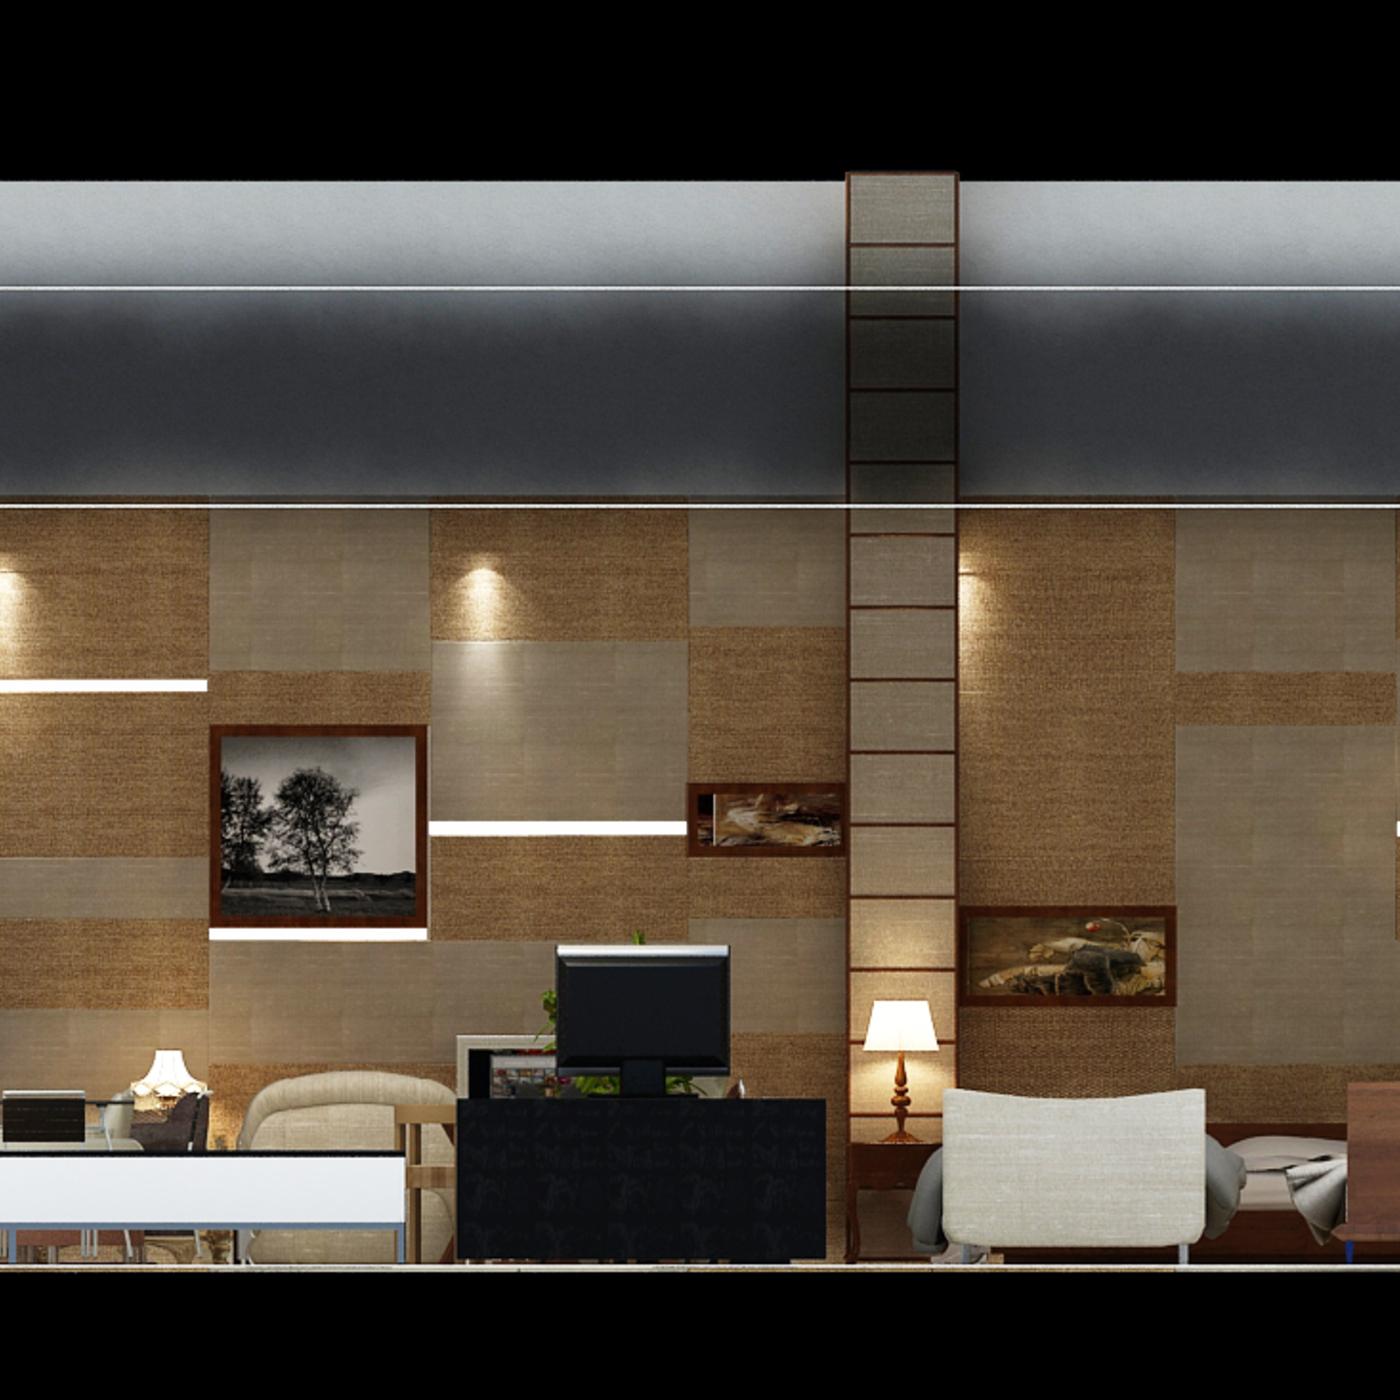 Interior design for furniture exhibition - city of Djibouti